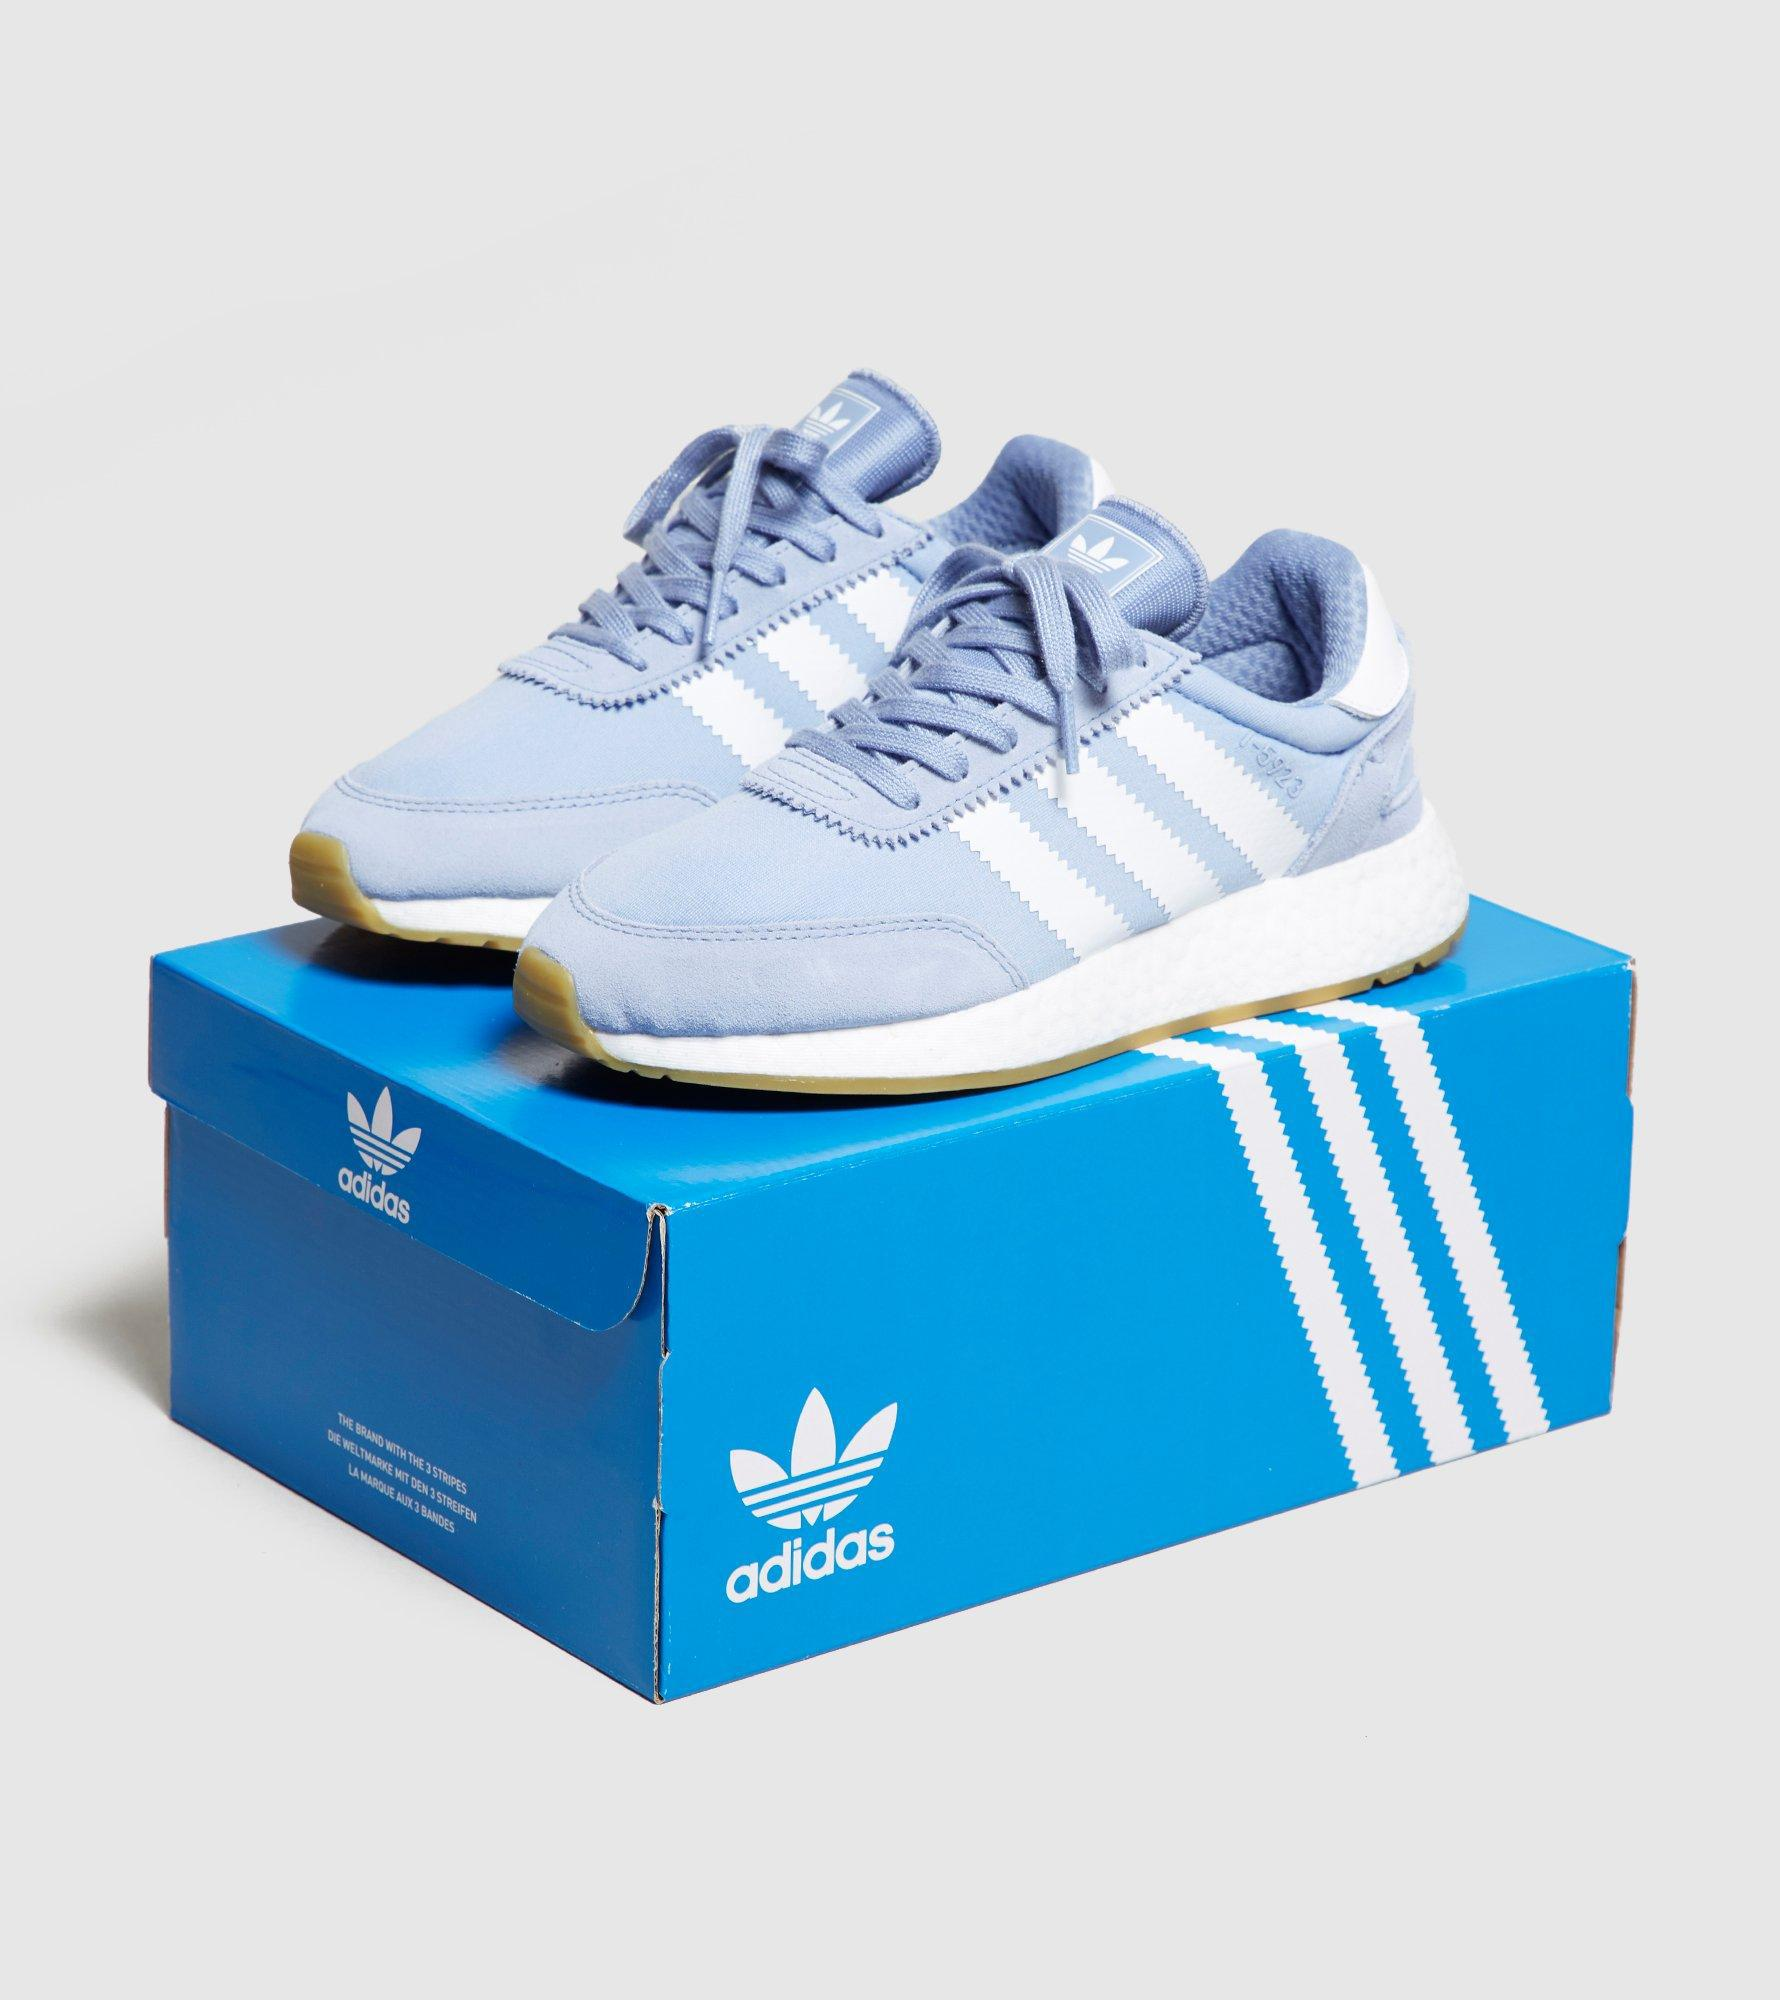 Adidas Originals - Blue I-5923 Women s - Lyst. View fullscreen 1fcf22a38